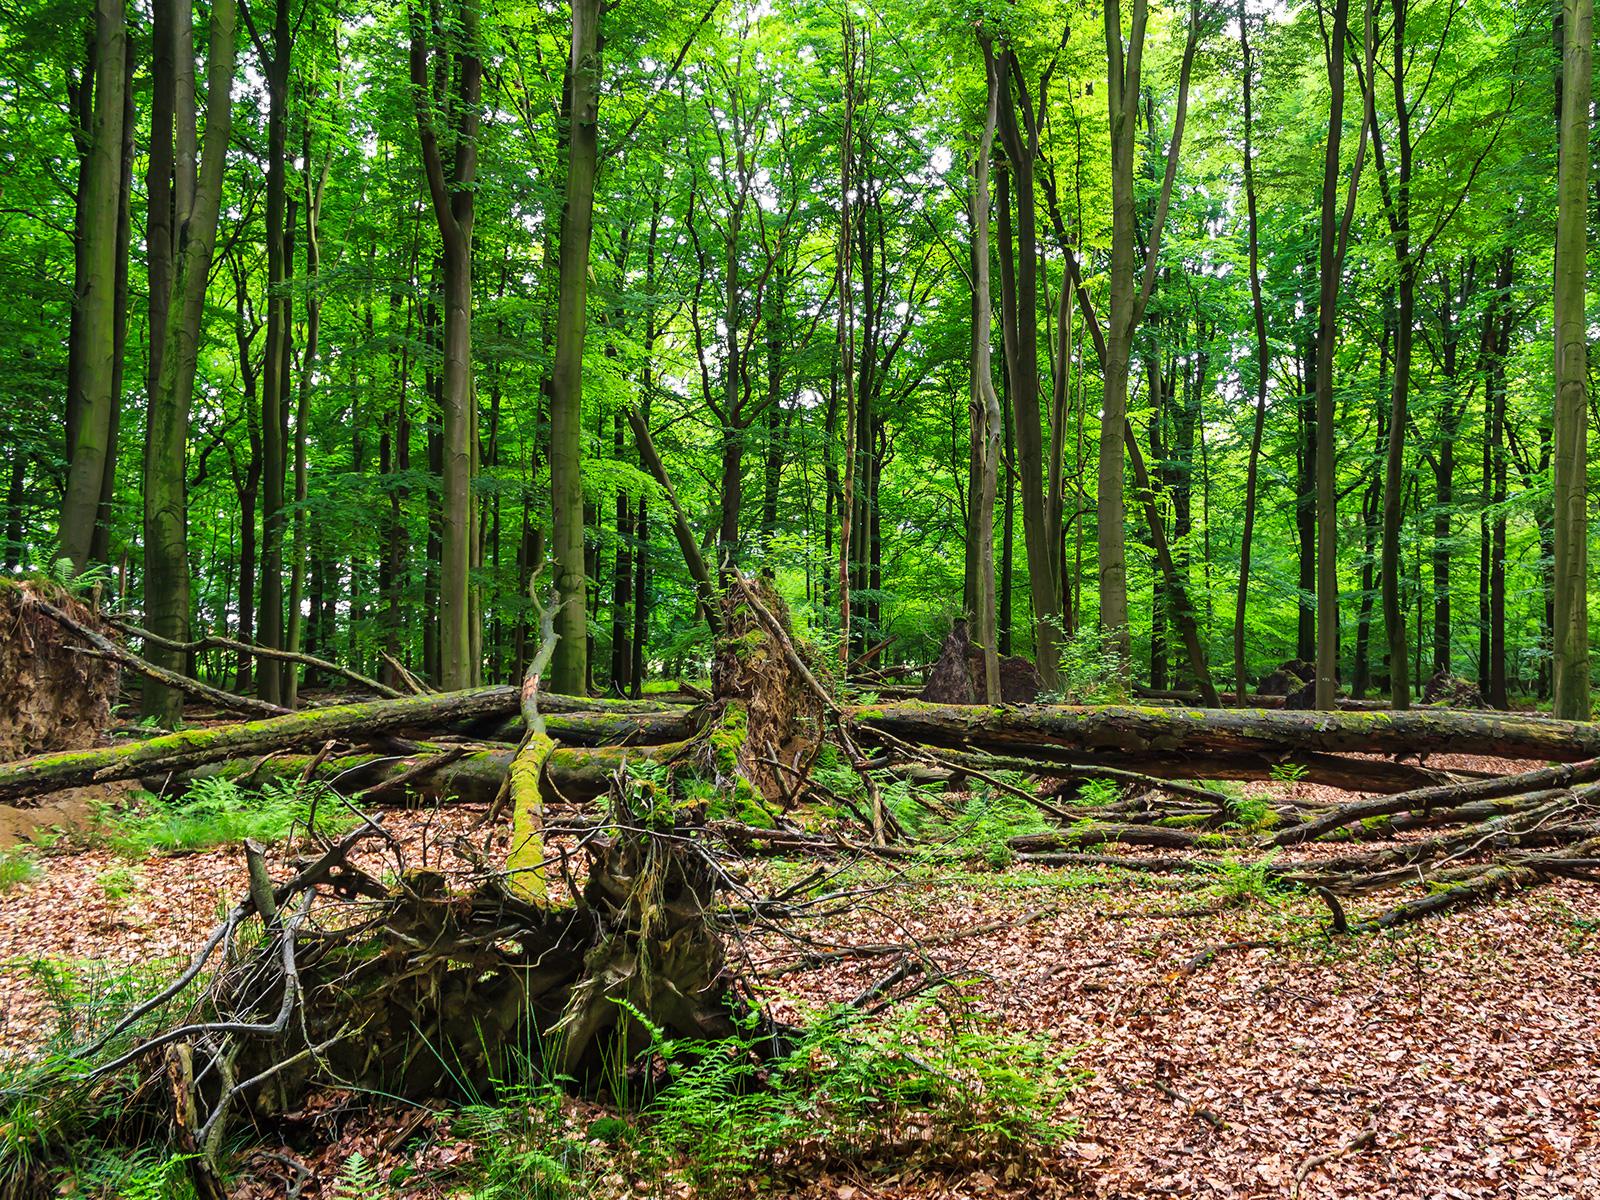 Windwurffläche mit liegenden toten Bäumen